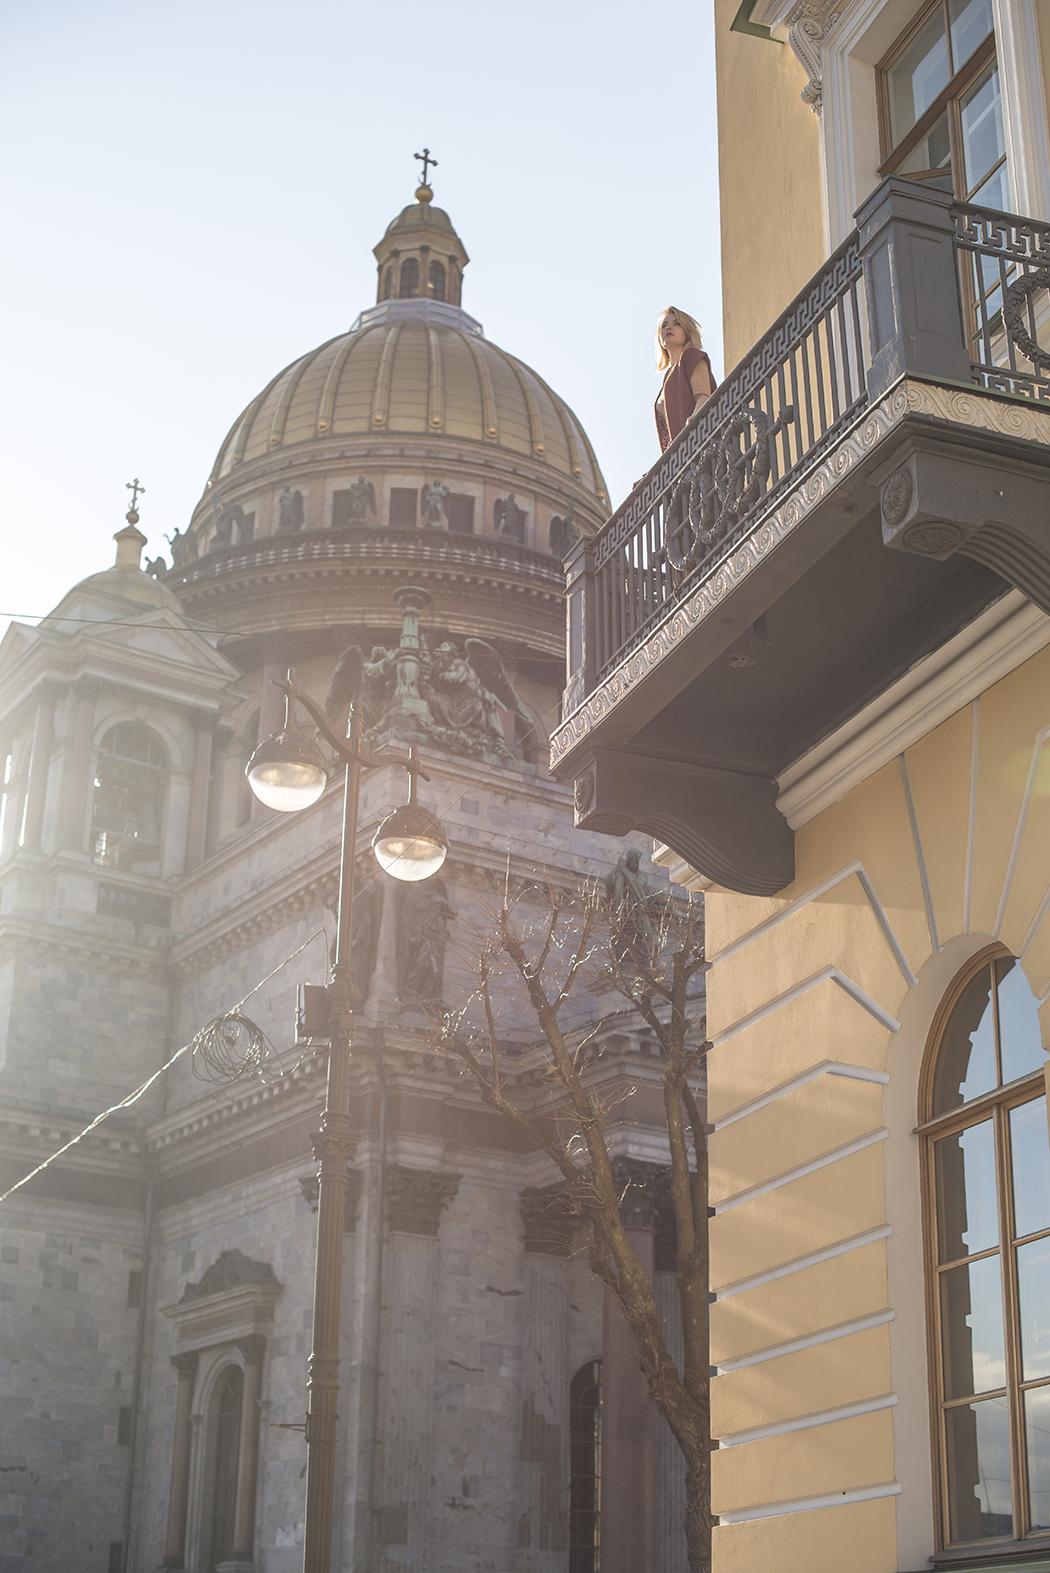 Куда сходить в питере, путеводитель по санкт-петербургу, что посмотреть в питере, отели питера, музеи питера, рестораны, питера, гастрономический санкт-петербург, Four Seasons Hotel Lion Palace St. Petersburg, где поесть в санкт-петербурге, достопримечательности санкт-петербурга, Бар Бутерbrodskybar, Бар Пиф-Паф, Ресторан Terrassa, Лофт Проект Этажи, Макаронники, ресторан-гостиная Тепло, кафе ZOOM, общество чистых тарелок, санкт-петербург весной, spring in saint Petersburg, annamidday, анна миддэй, анна мидэй, travel blogger, русский блогер, известный блогер, топовый блогер, russian bloger, top russian blogger, russian travel blogger, российский блогер, ТОП блогер, популярный блогер, трэвэл блогер, путешественник, куда поехать на праздники 2016, фото санкт-петербурга, санкт-петербург полезные советы, санкт-петербург обои на рабочий стол, пост о санкт-петербурге, блог о путешествиях, дом со львами, фрида кало, выставка фриды кало в музее фаберже, музей фаберже, пасхальные яйца фаберже, эрмитаж, главный штаб эрмитажа,